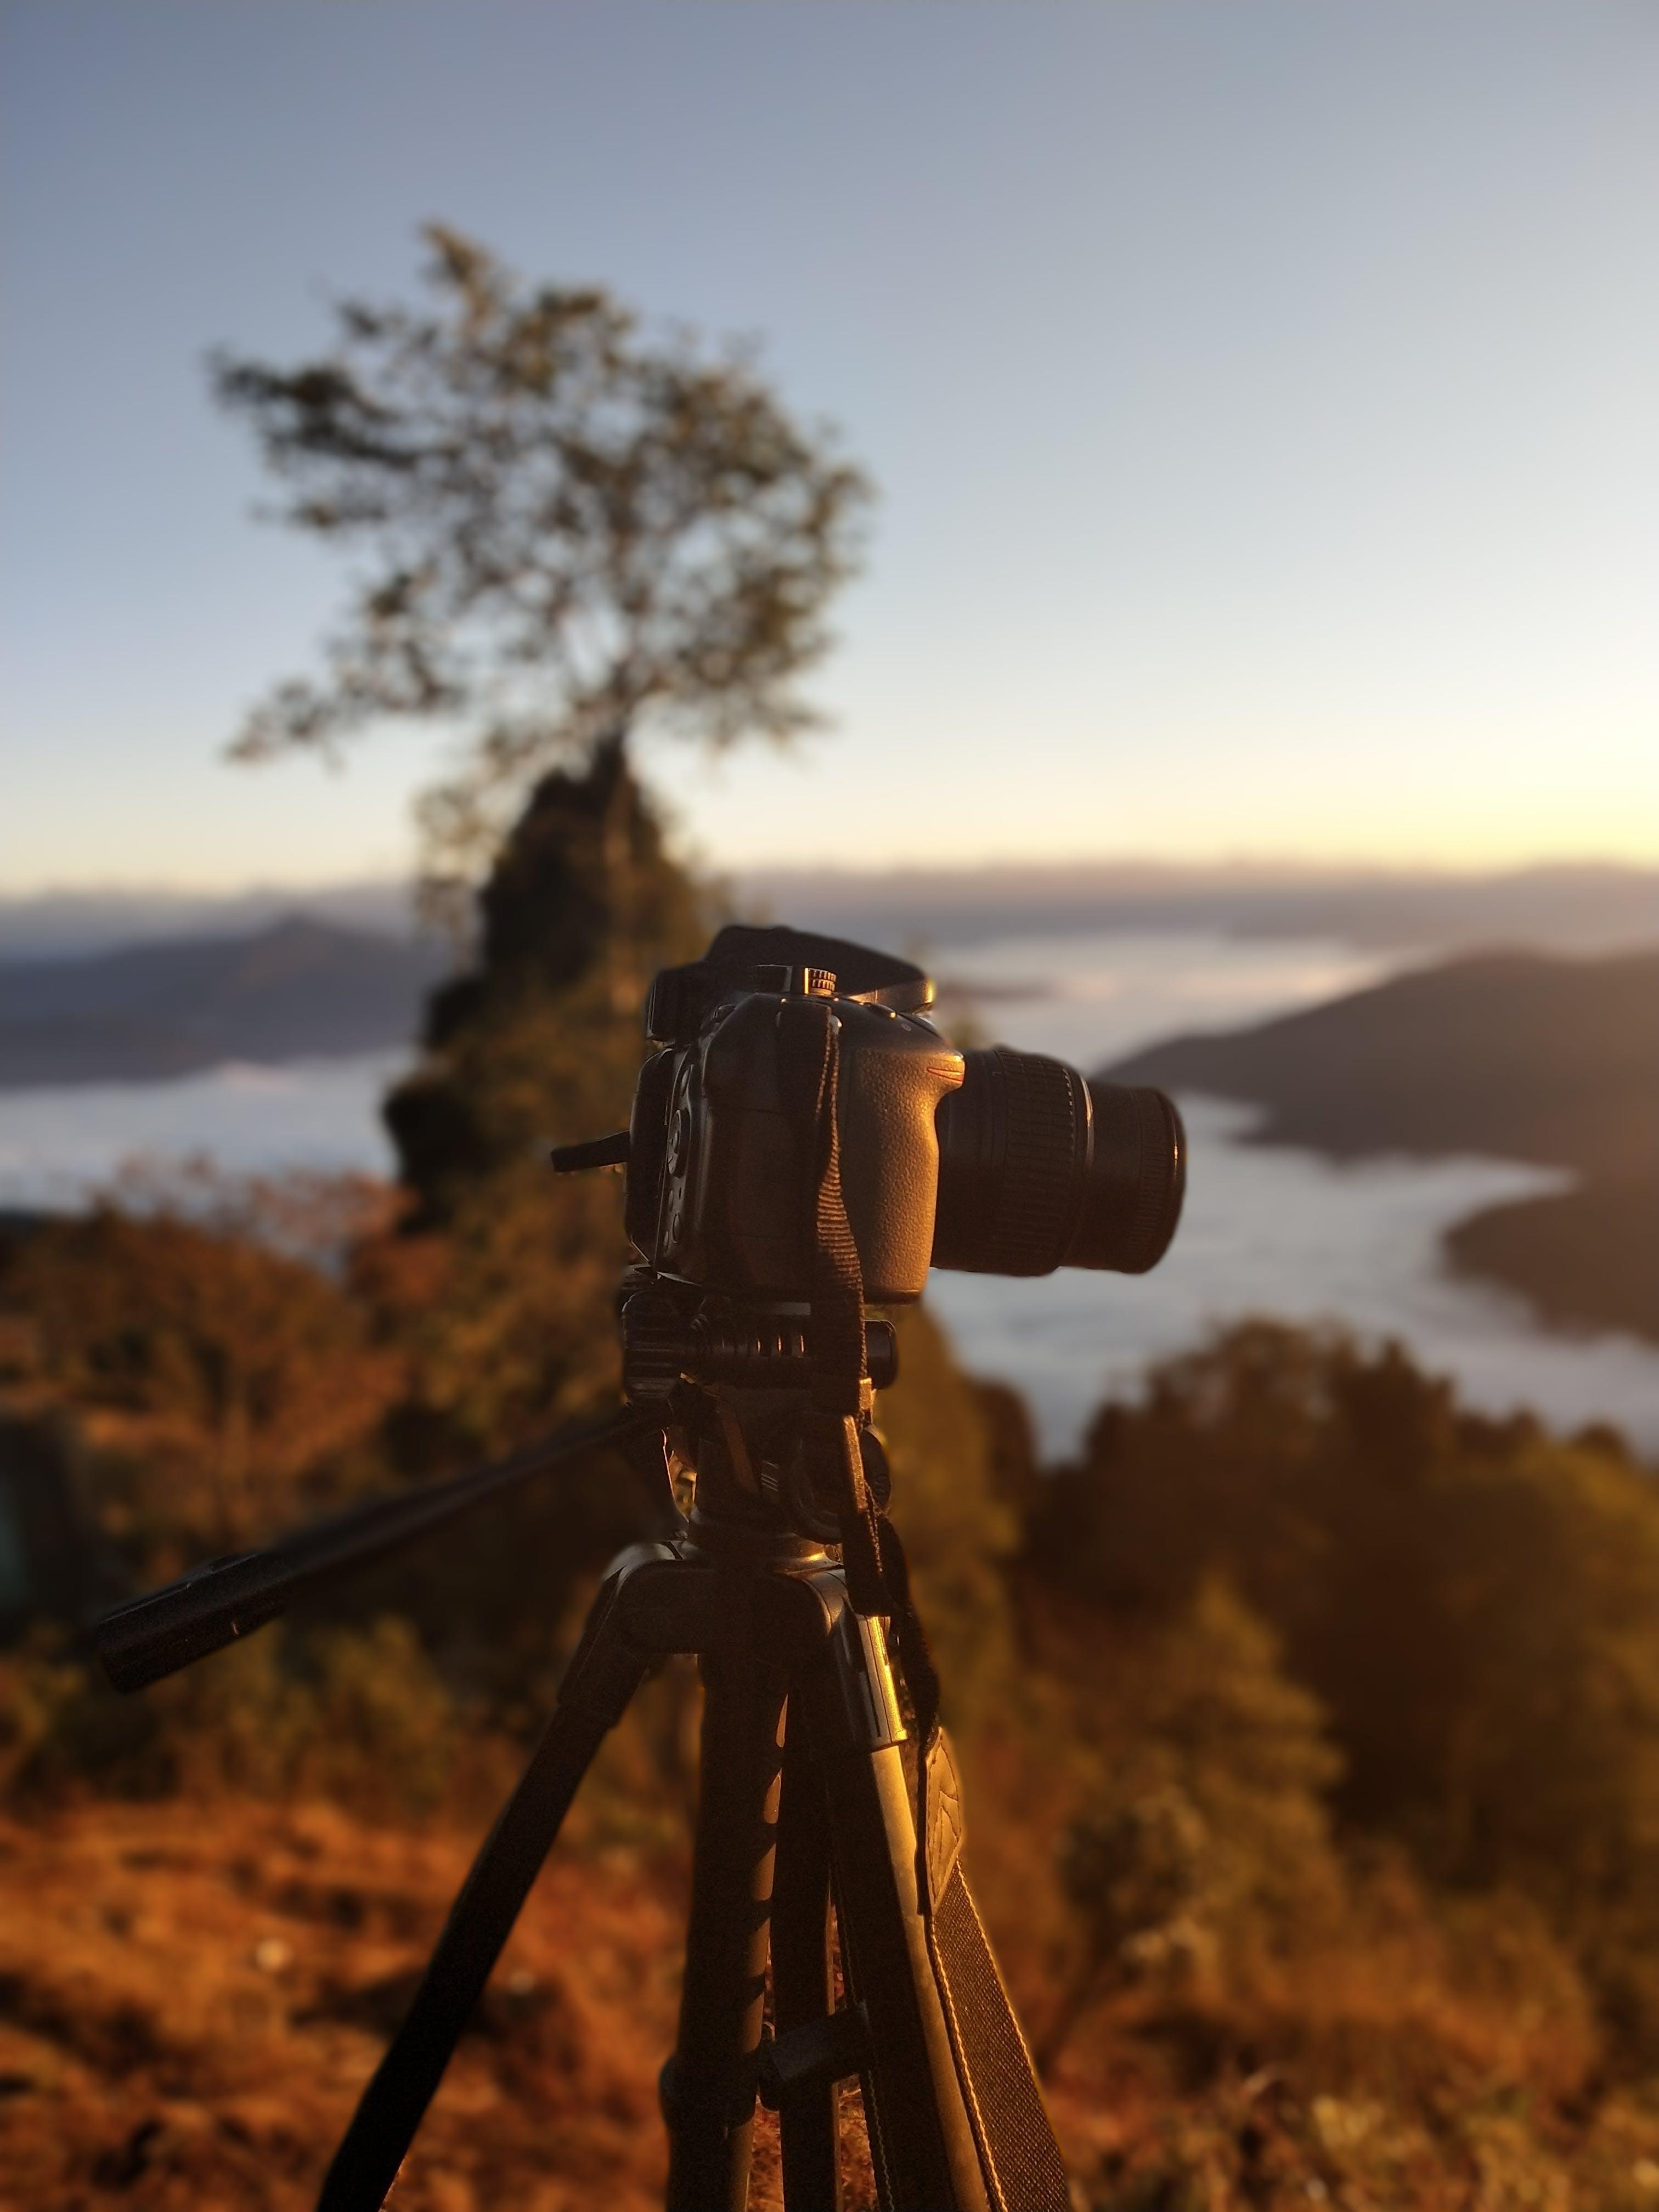 Fotos de stock gratuitas de aventura, cámara, escénico, fotografía